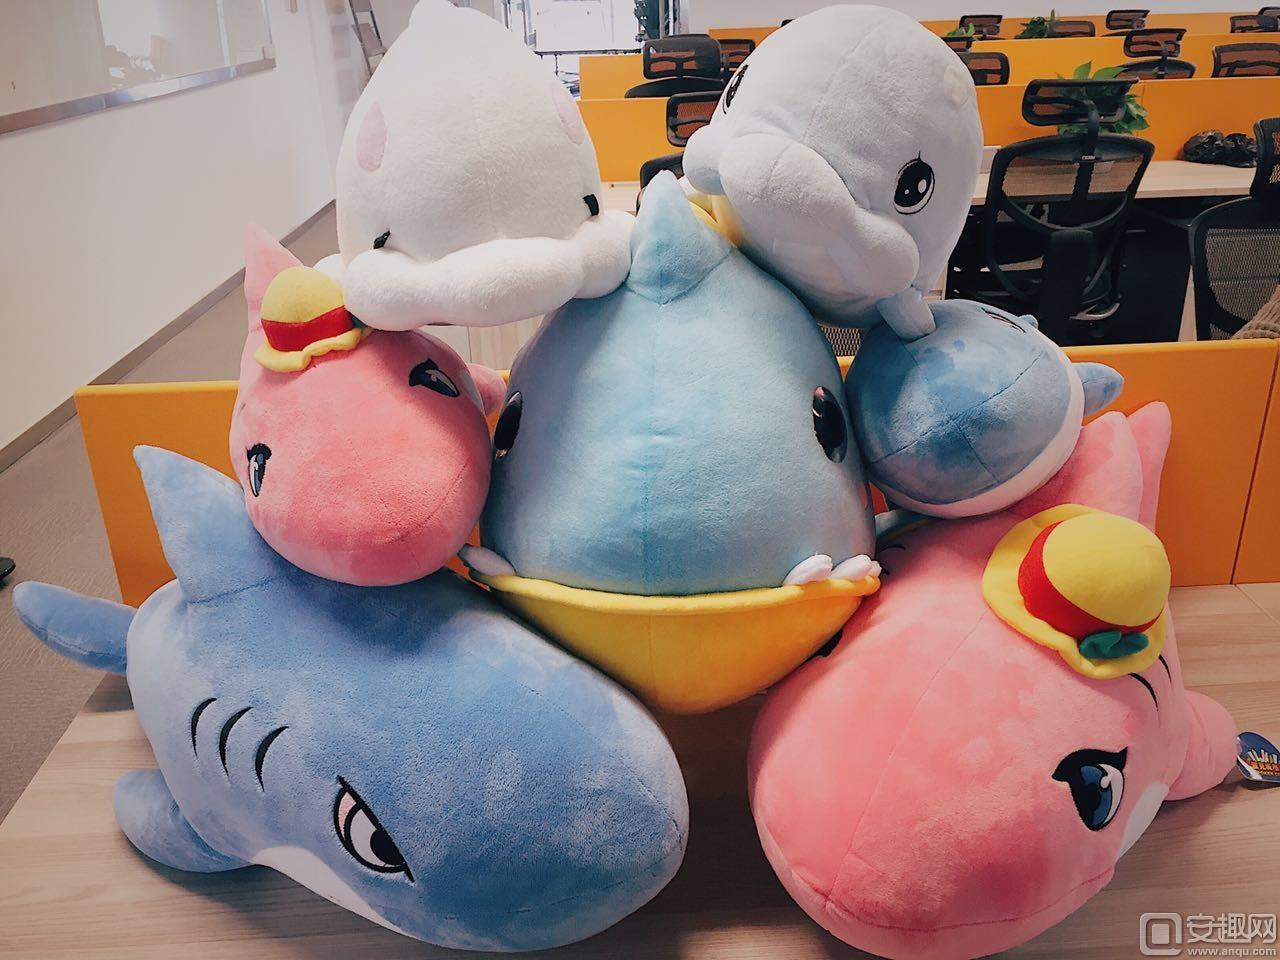 《波克捕鱼》2周年纪念款限量版食人鱼玩偶大公开 新闻动态 第5张